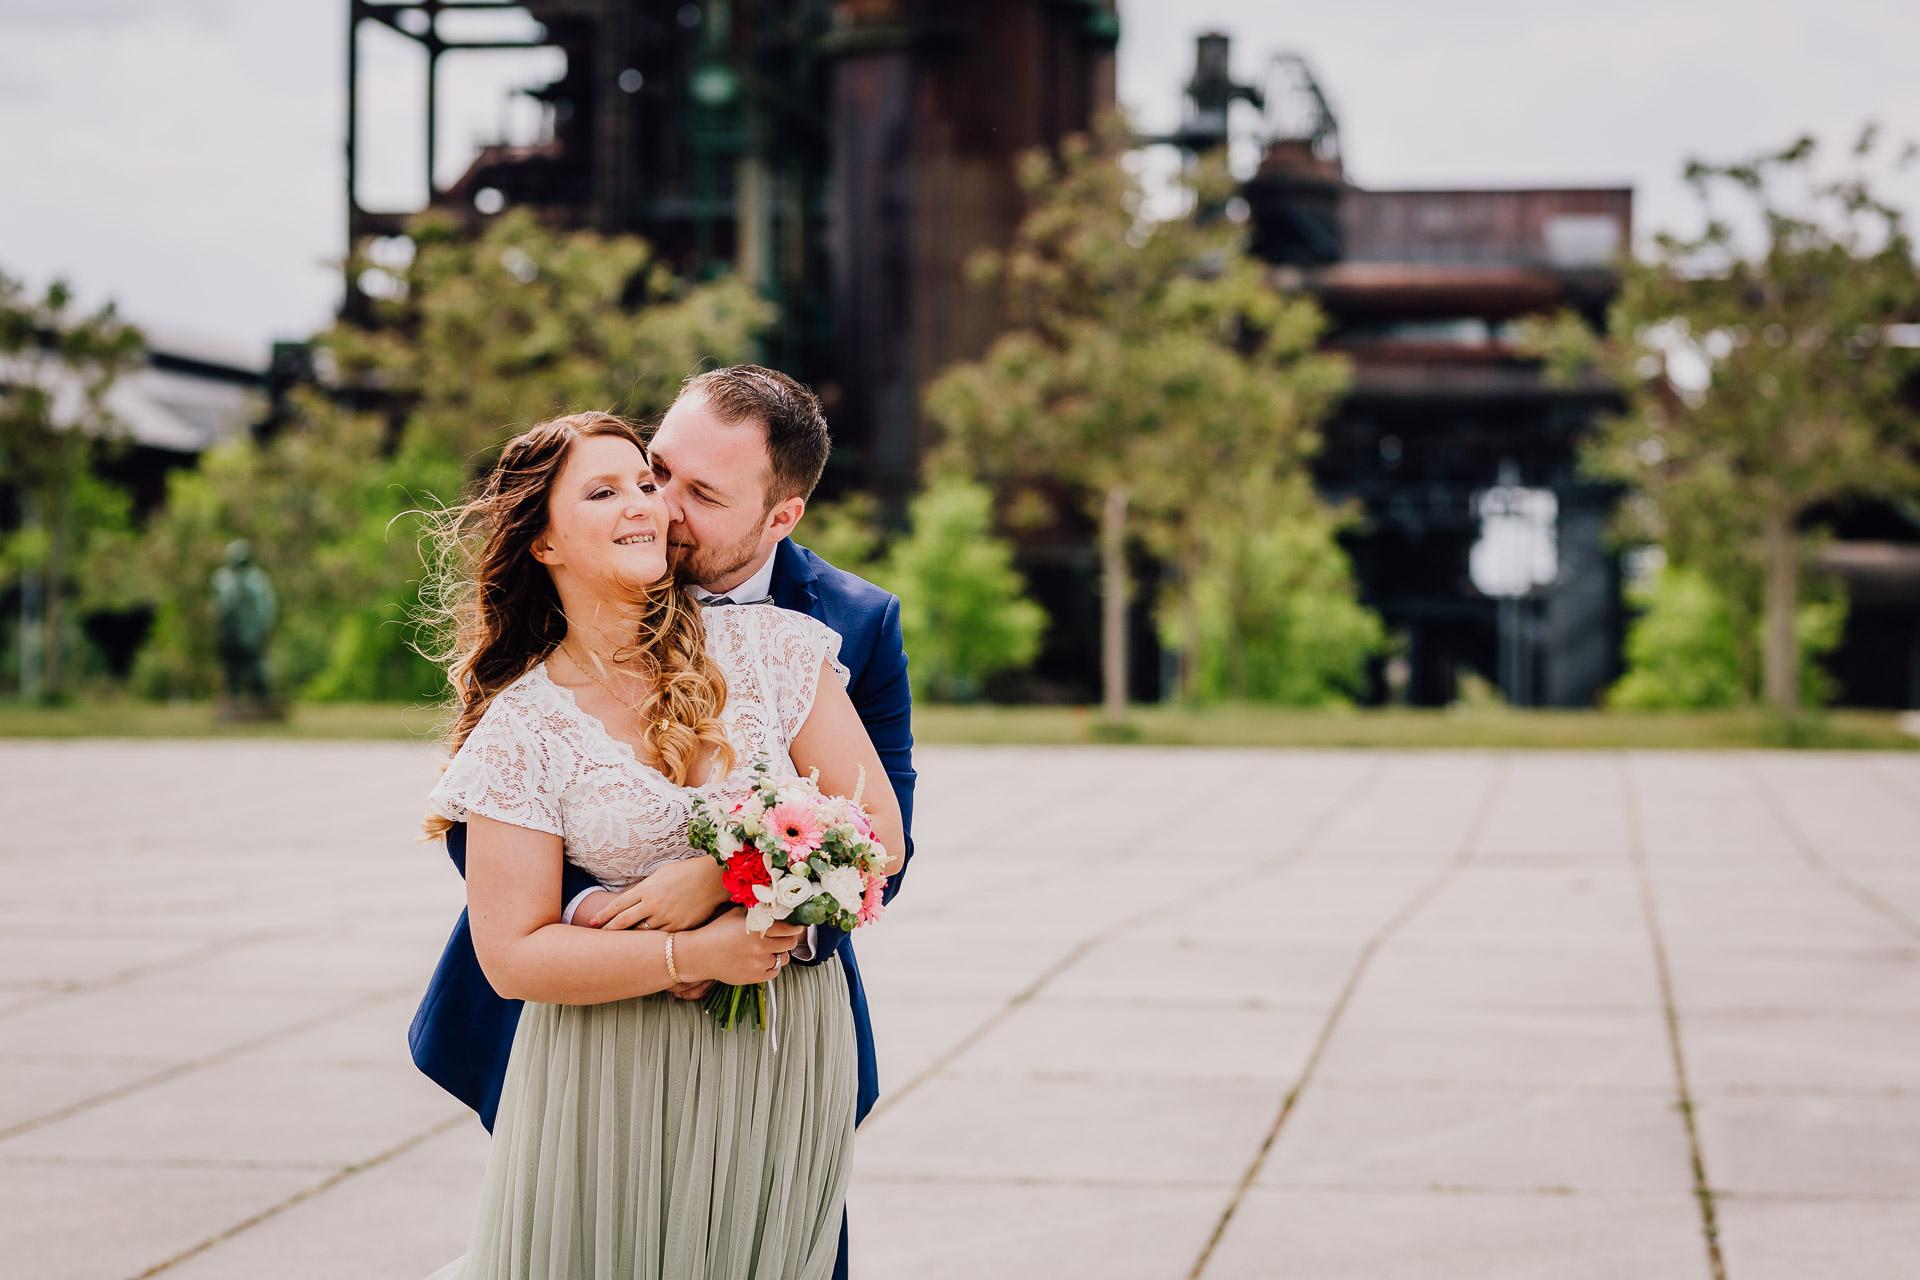 Hochzeitsfotograf Dortmund Hochzeitsfotos Brautpaarshooting Phoenix West Dortmund